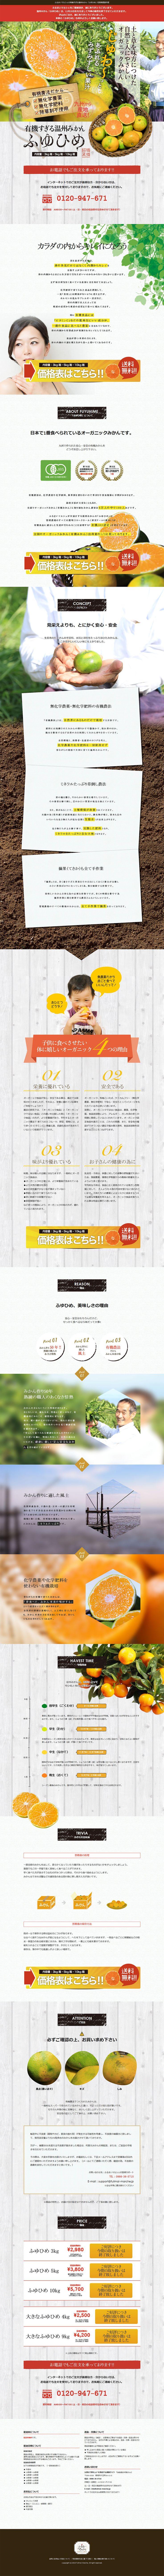 ふゆひめ【フルーツ・果物・野菜関連】のLPデザイン。WEBデザイナーさん必見!ランディングページのデザイン参考に()